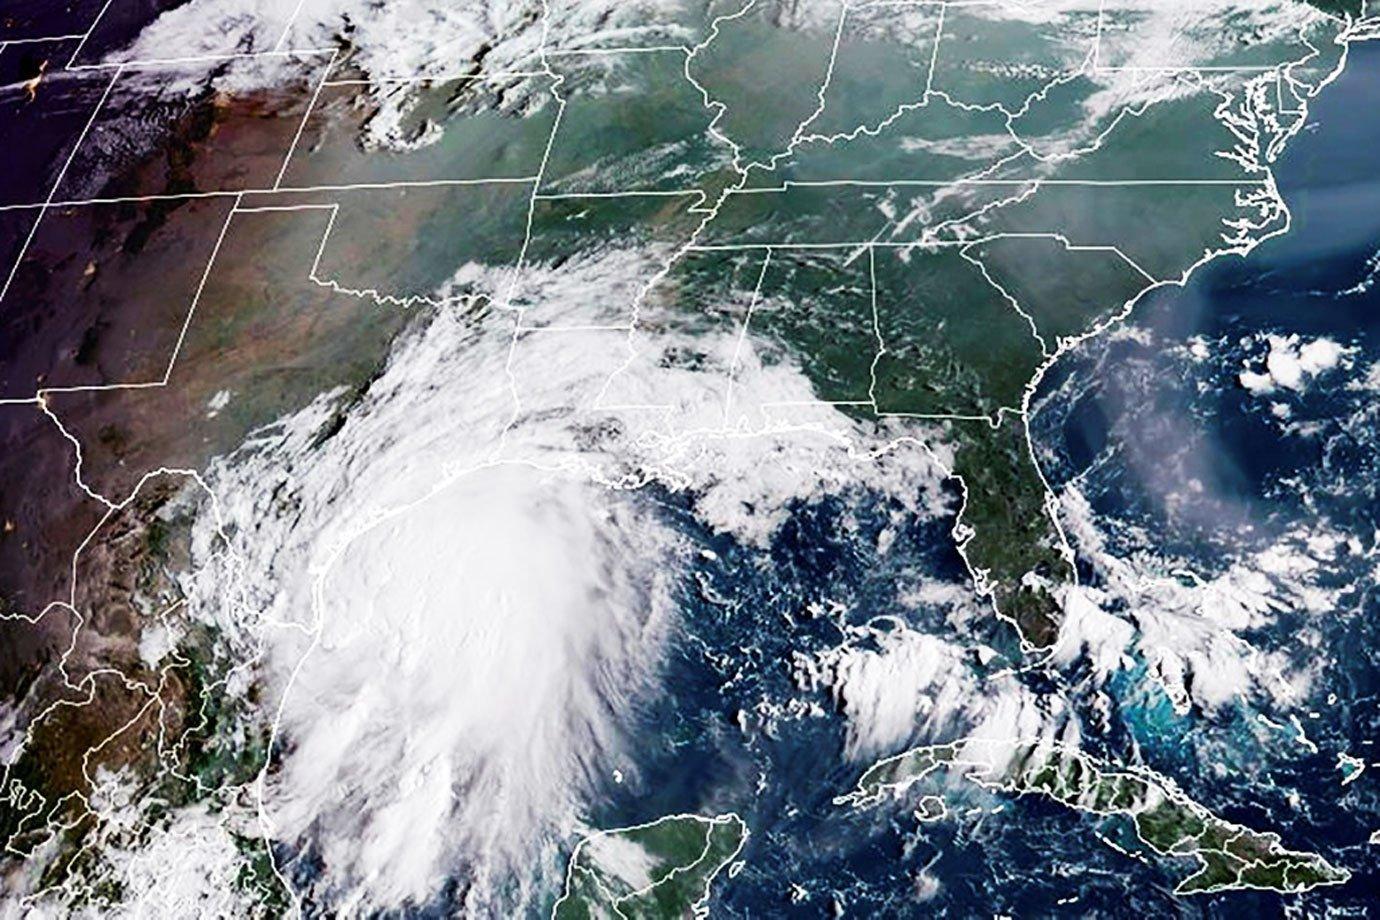 Furacão Nicholas ganha força e atinge o Texas com ventos de 120 km/h